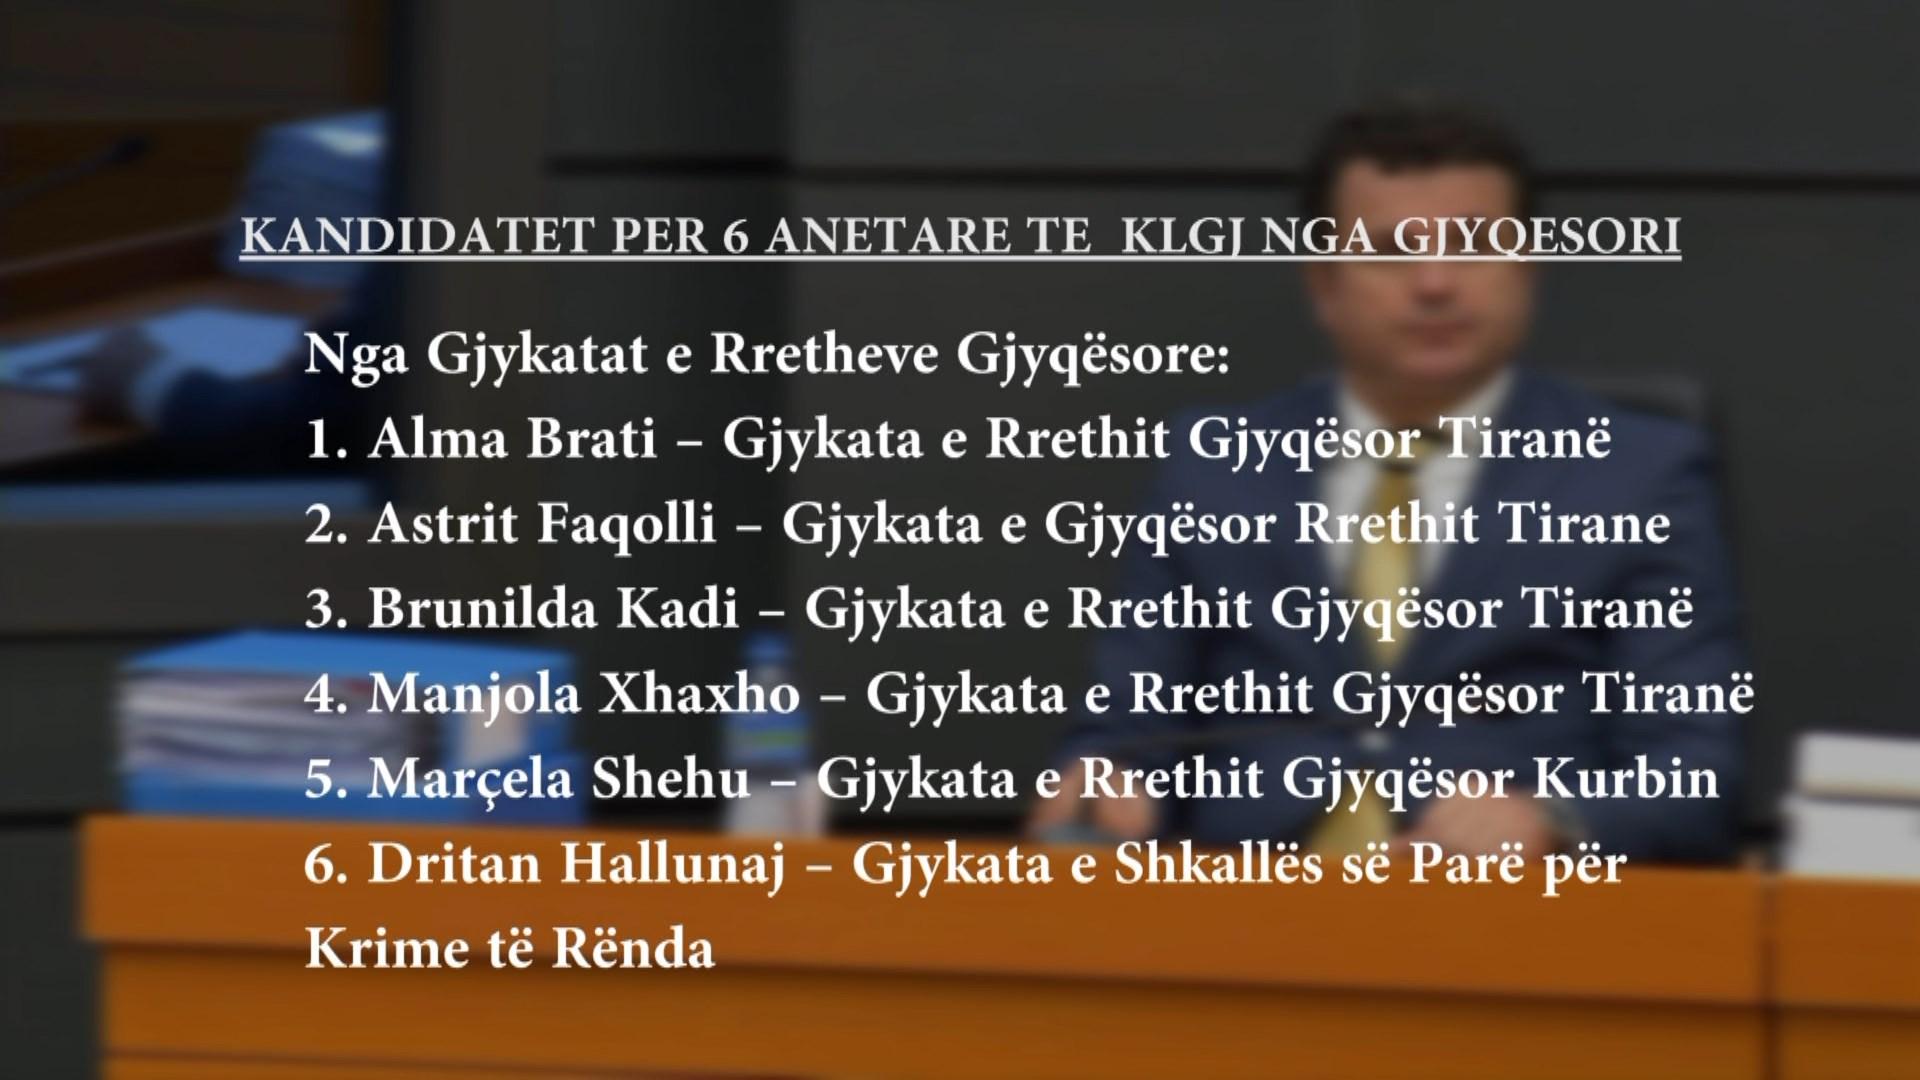 Zgjedhja e 6 anëtarëve të KLGJ, mbledhja mbahet në 12 dhjetor